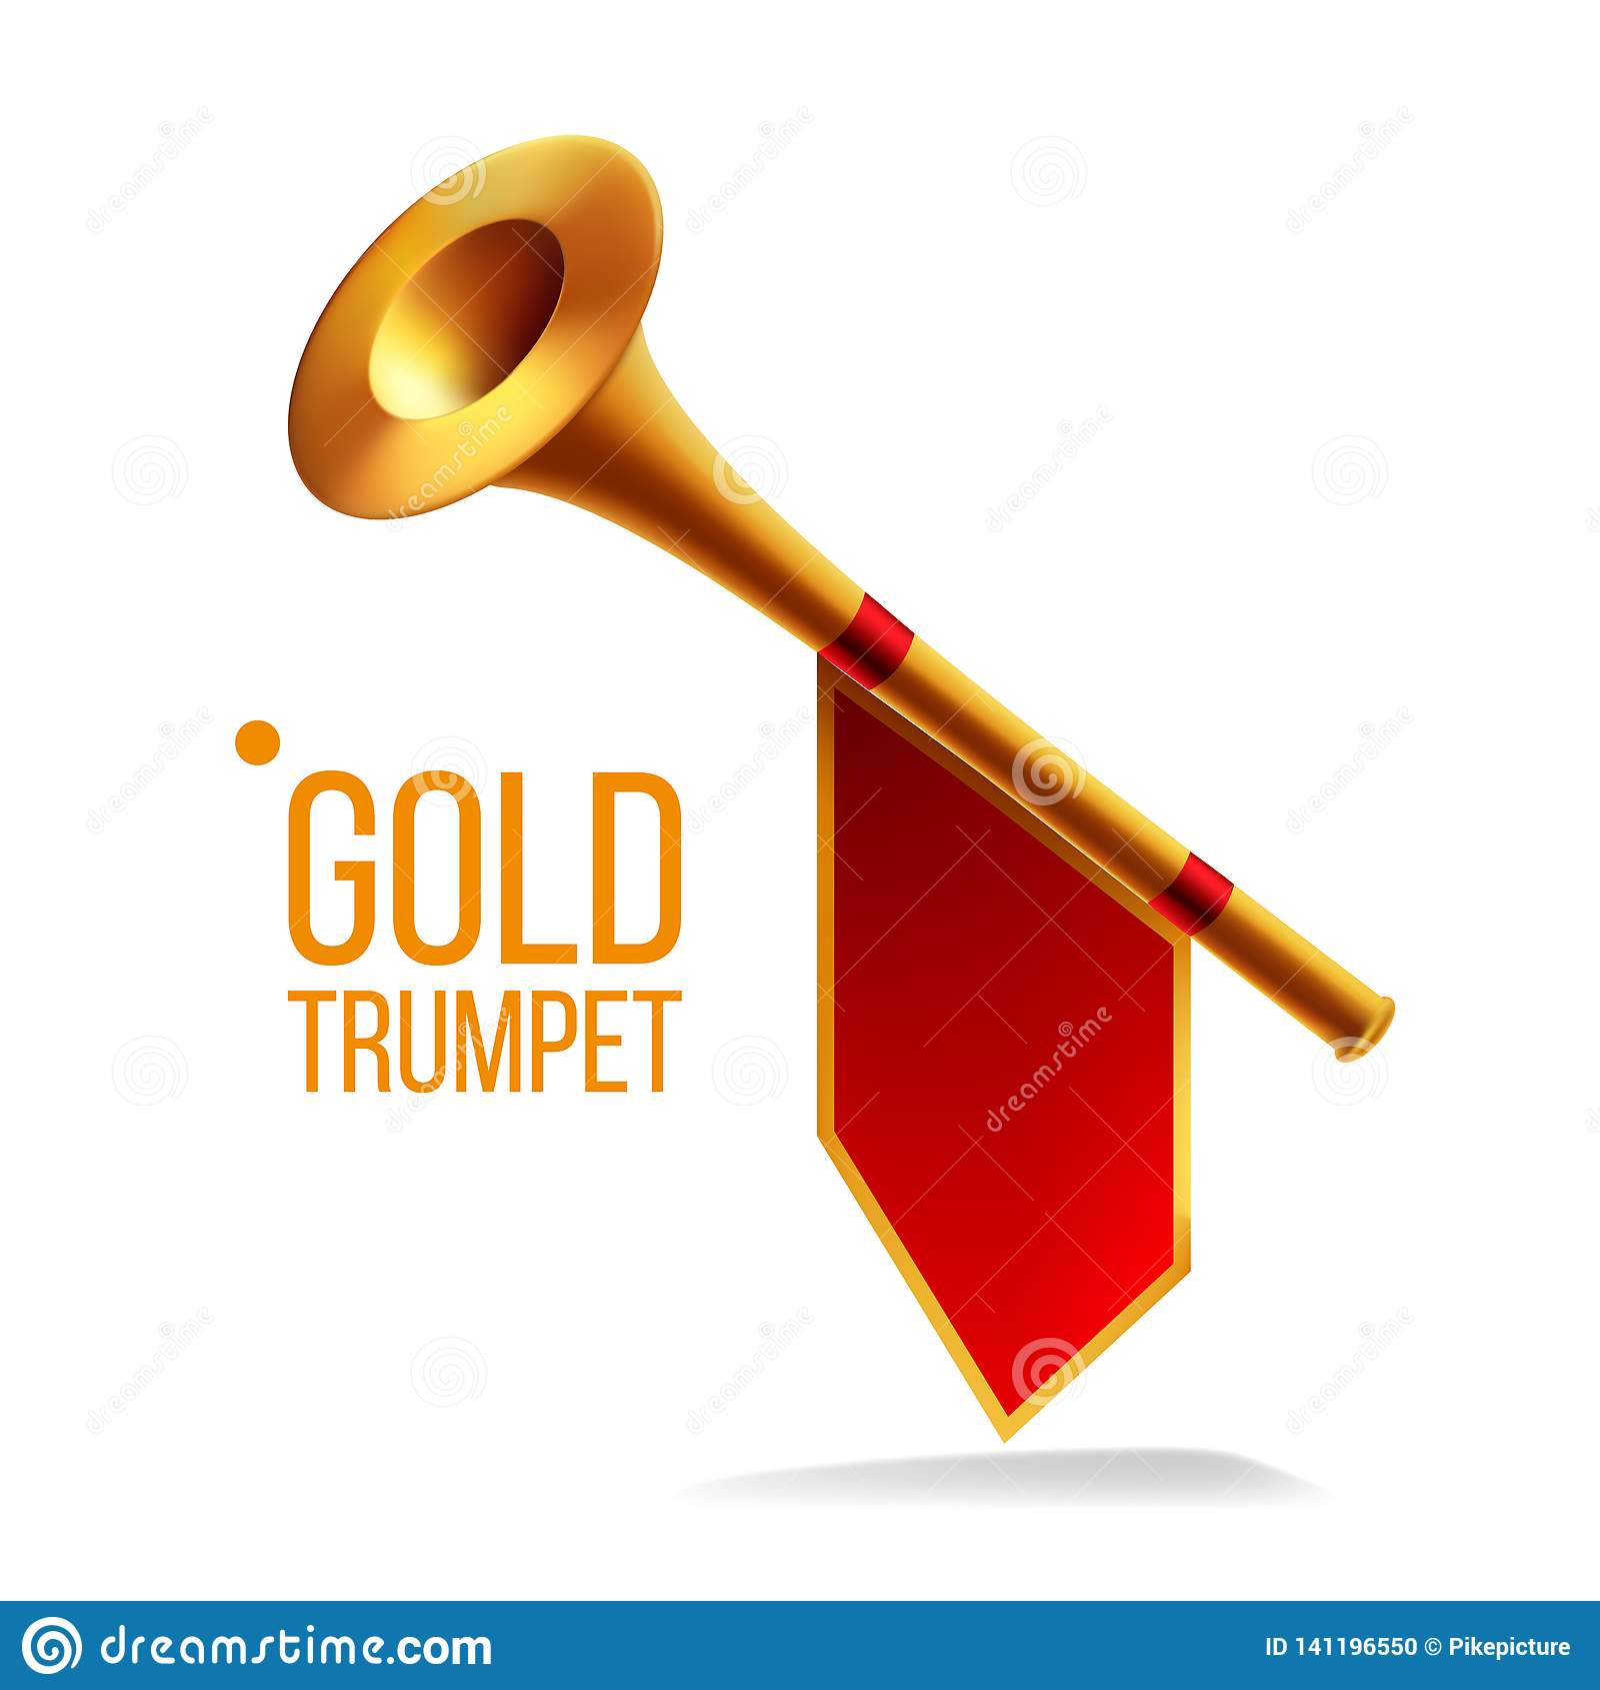 Χρυσό διάνυσμα σαλπίγγων Κέρατο φιλαρμονικών Μουσικός ανακοινώστε το αντικείμενο Δυνατό όργανο Απομονωμένη ρεαλιστική απεικόνιση